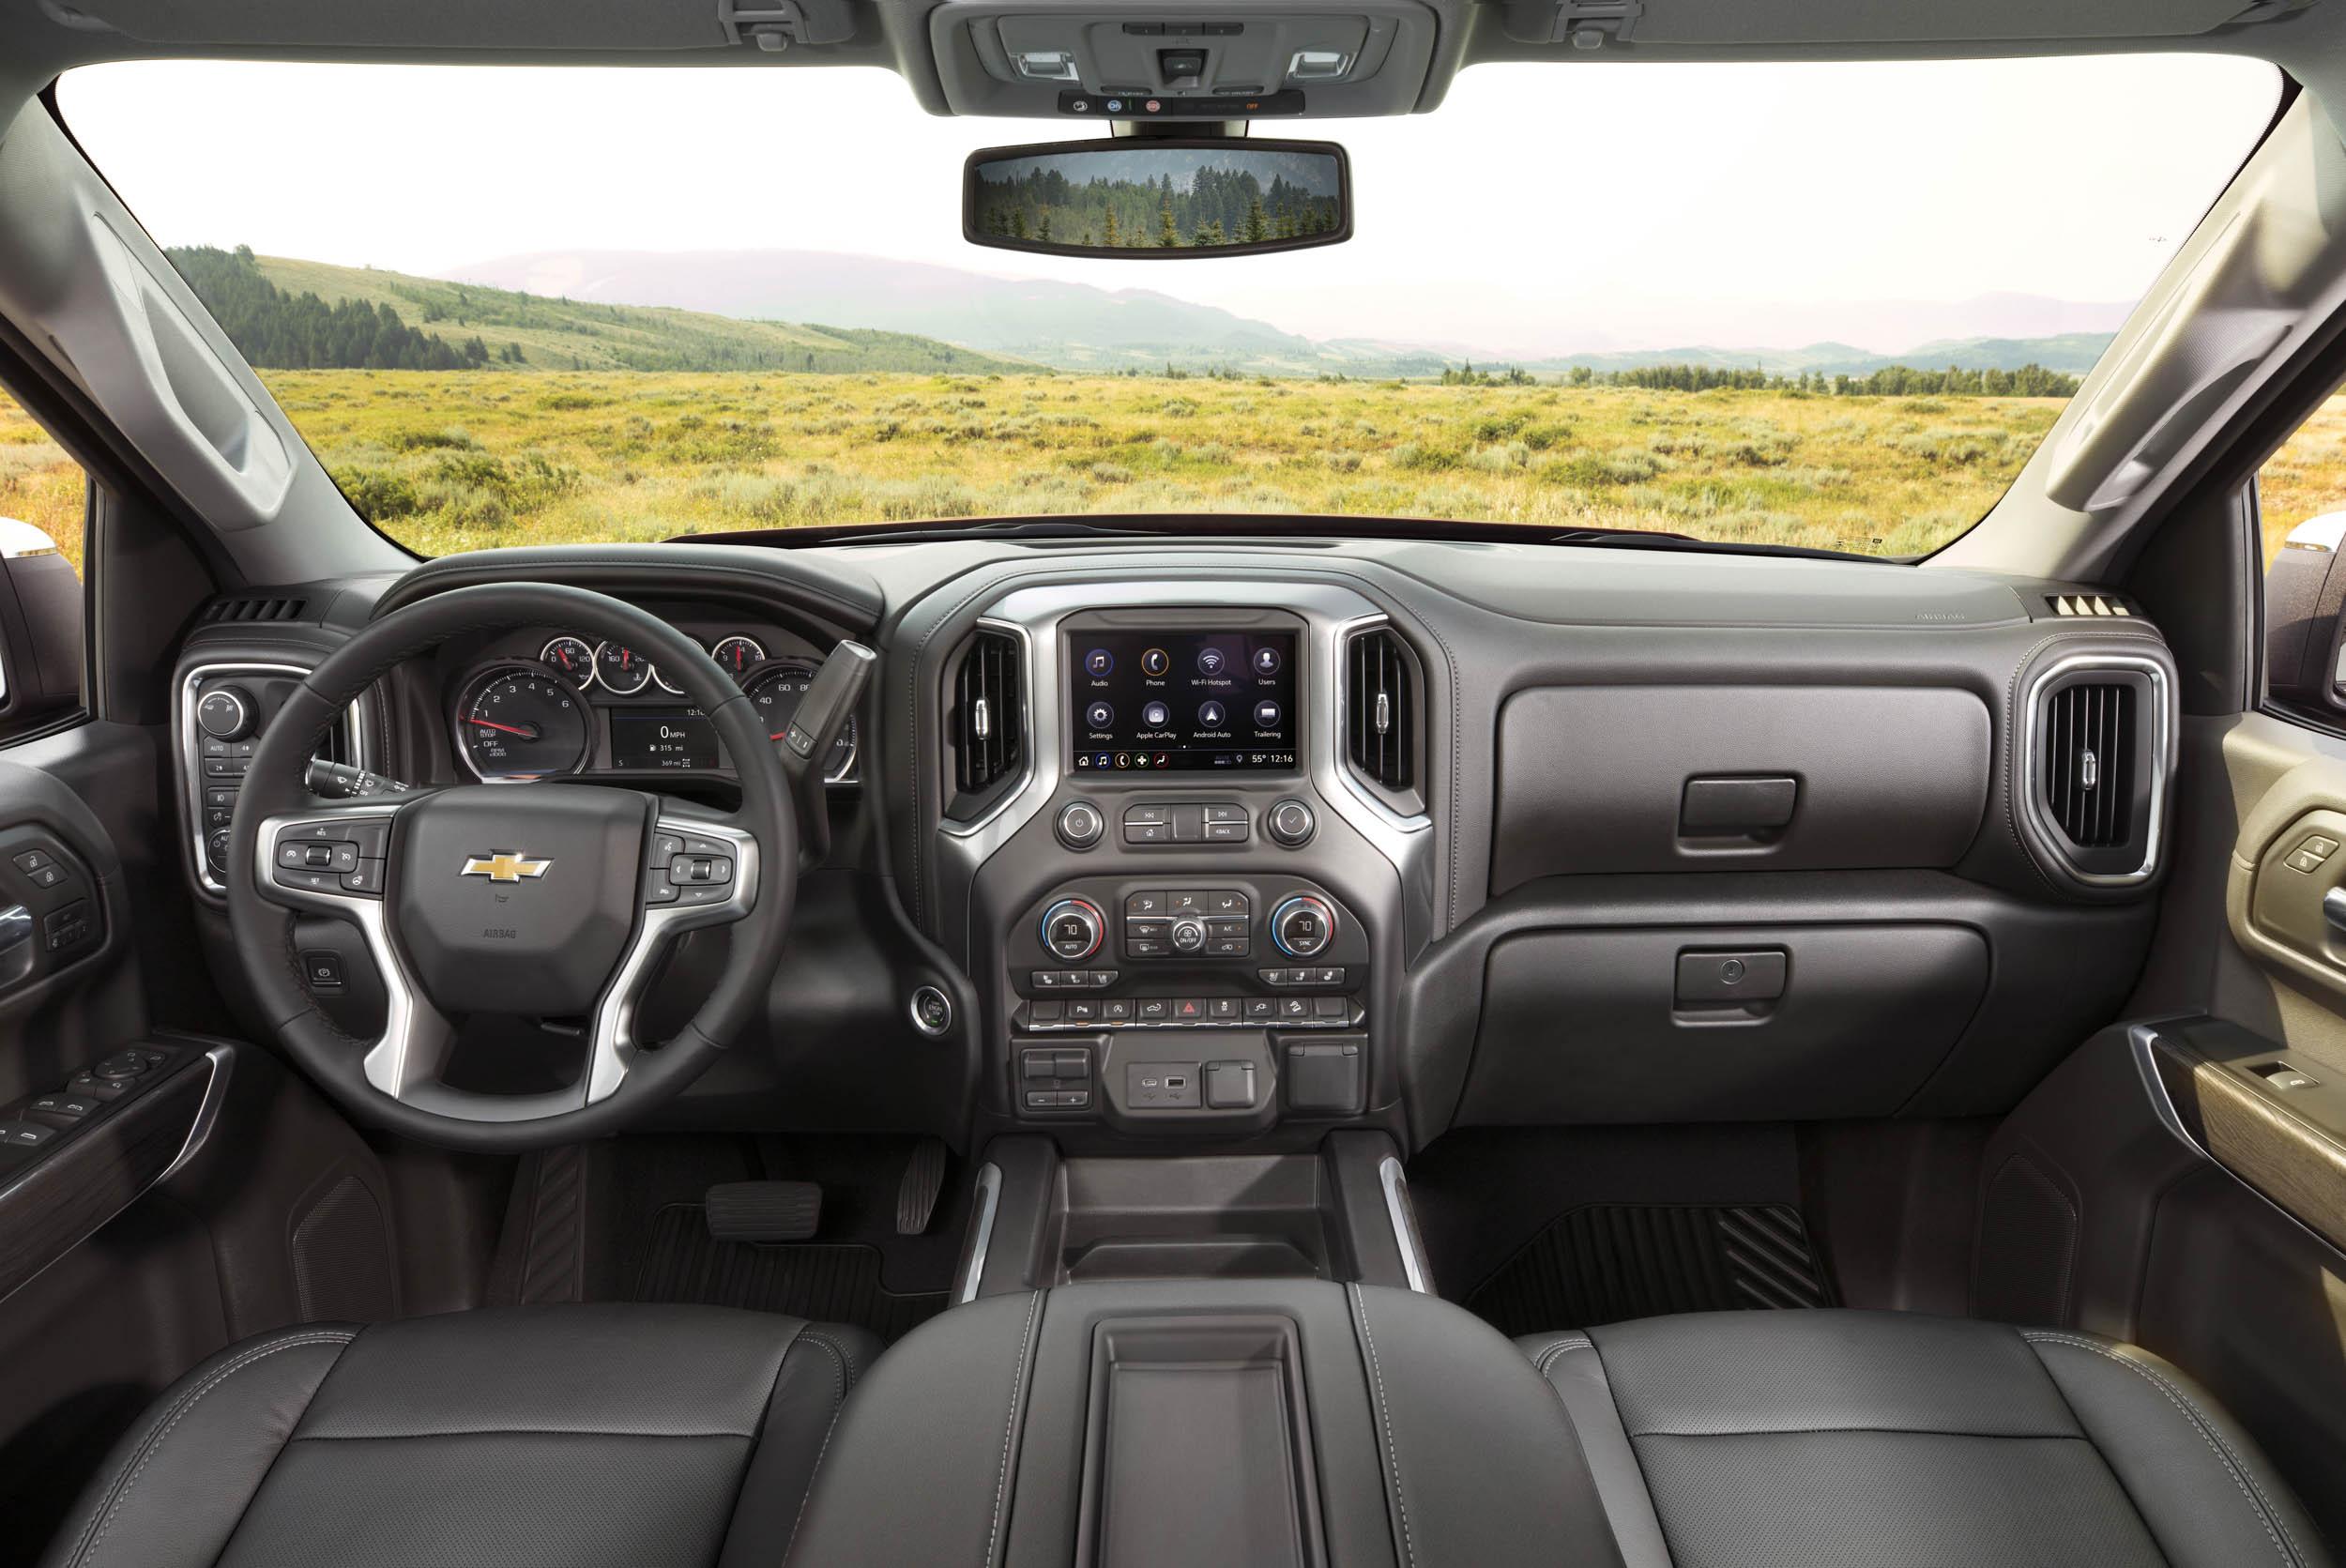 2019 chevrolet silverado LTZ interior